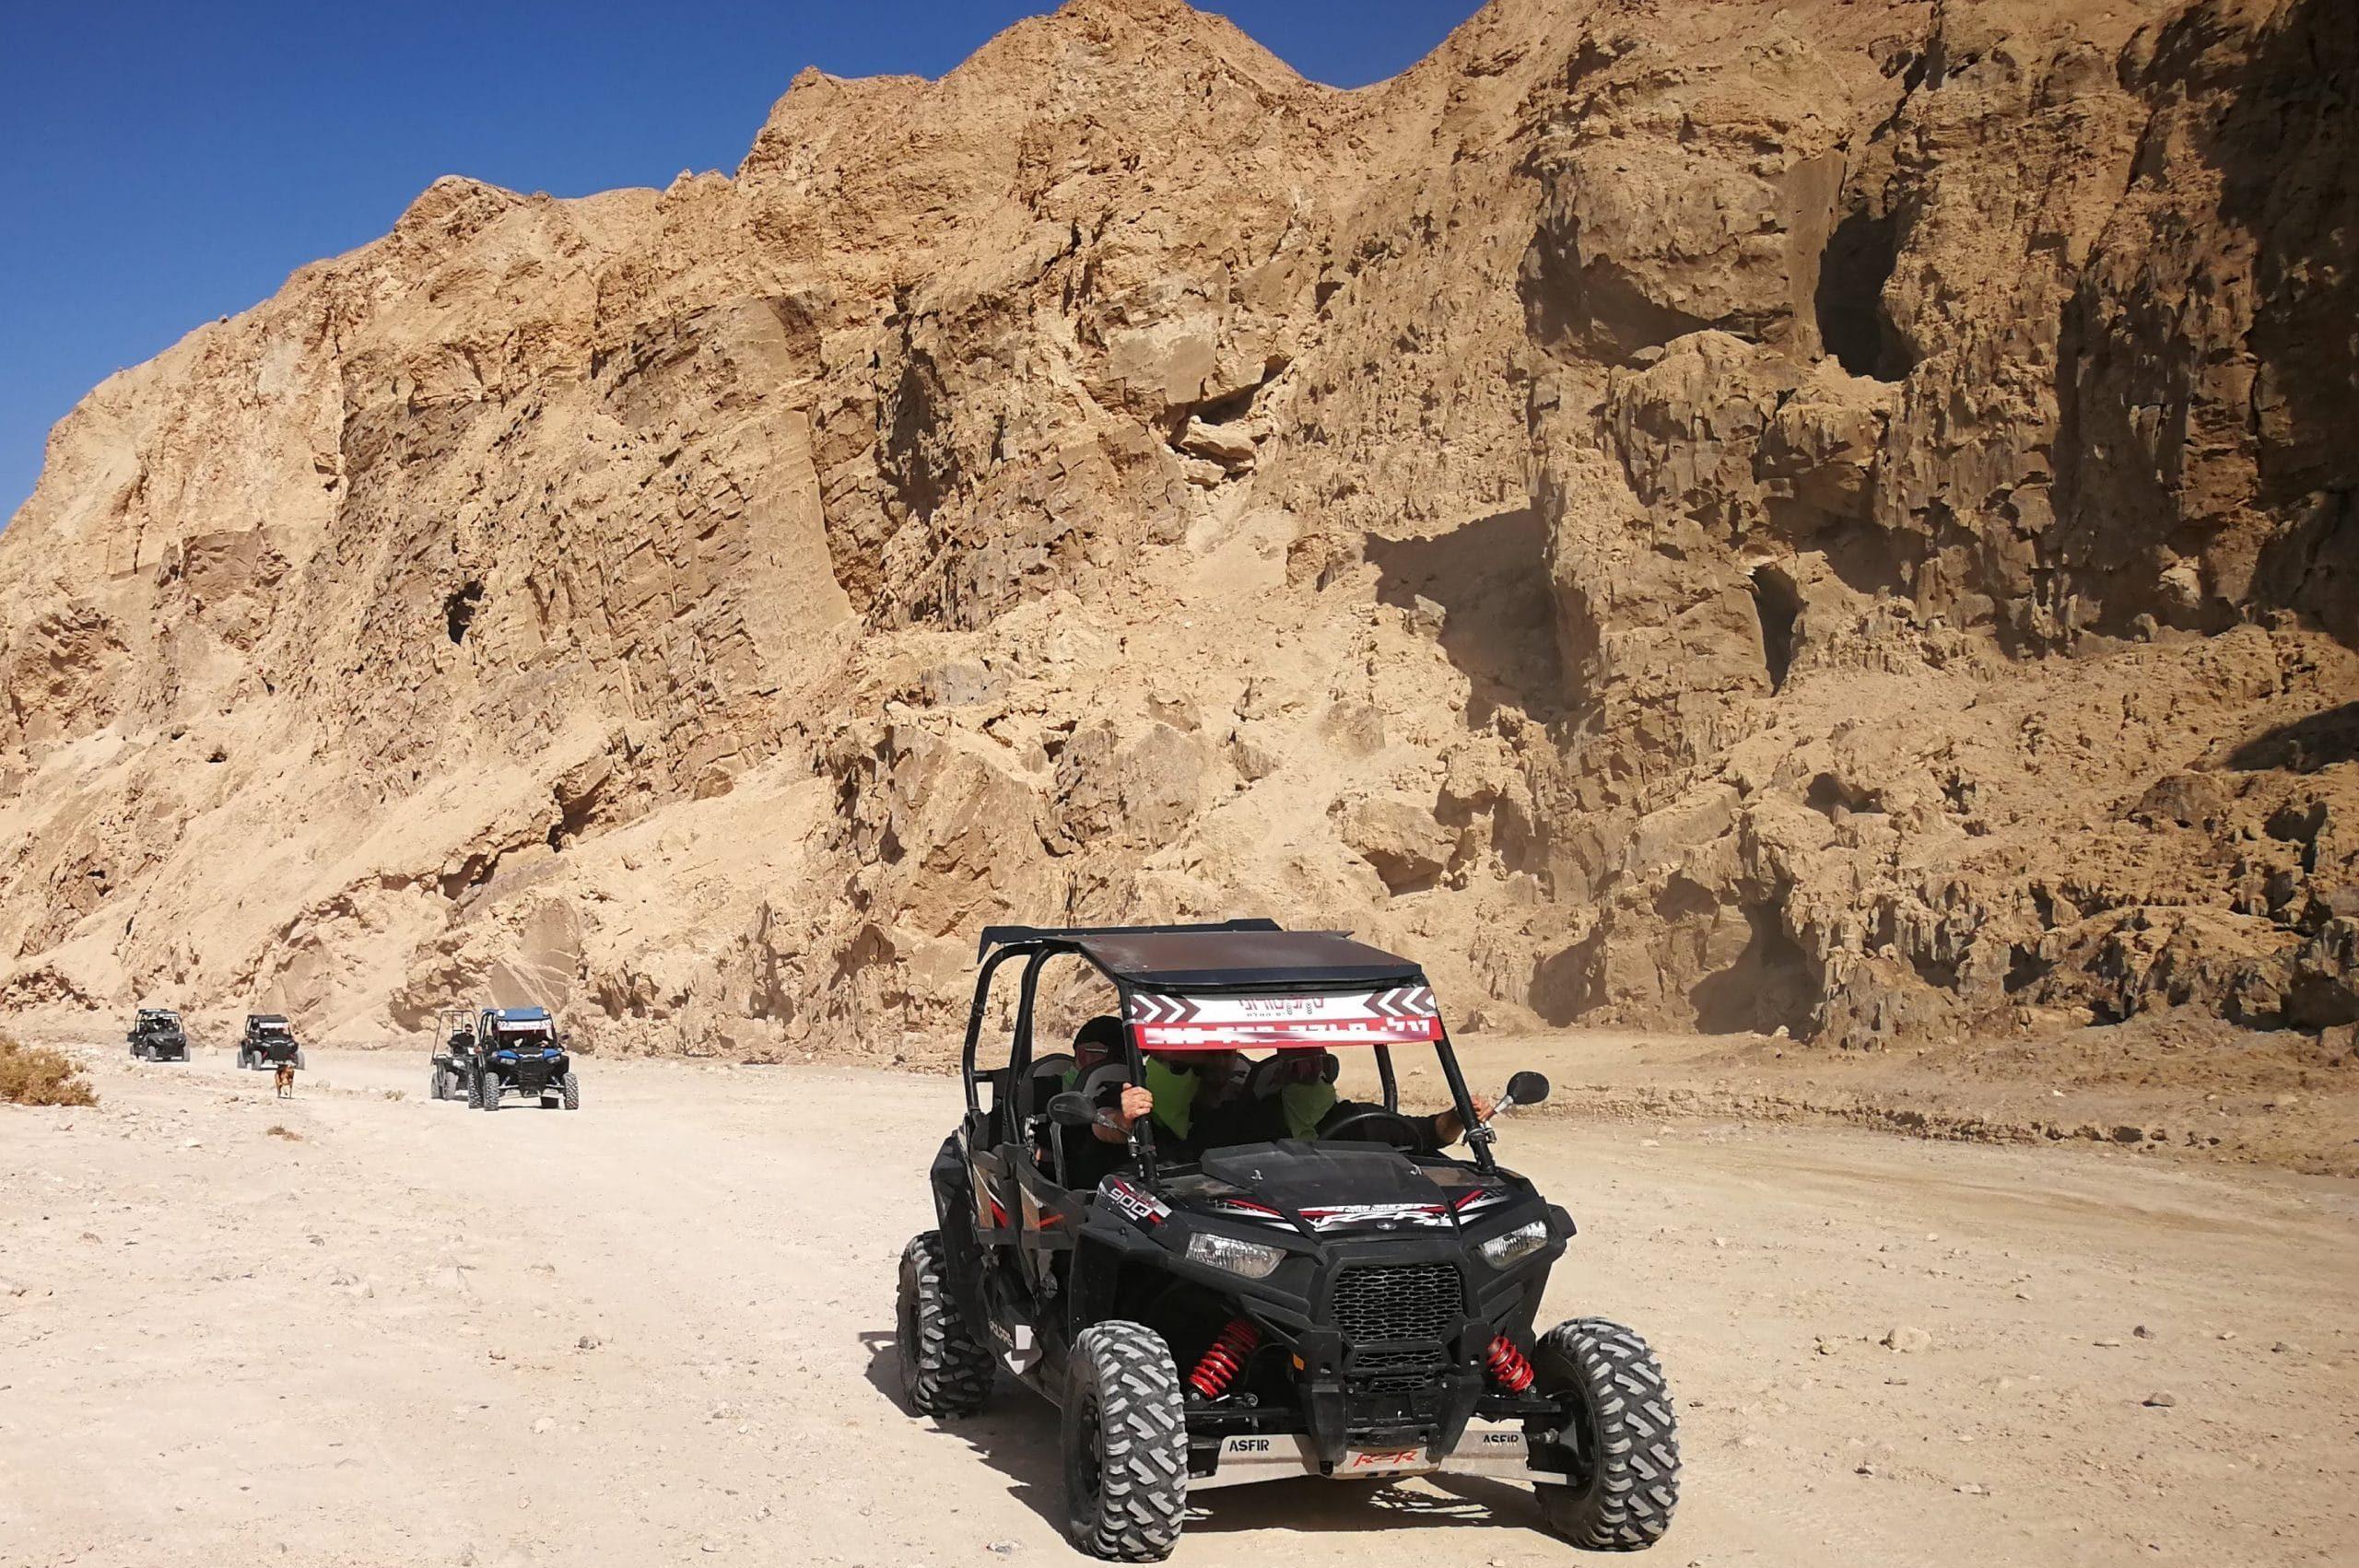 rzr in the desert